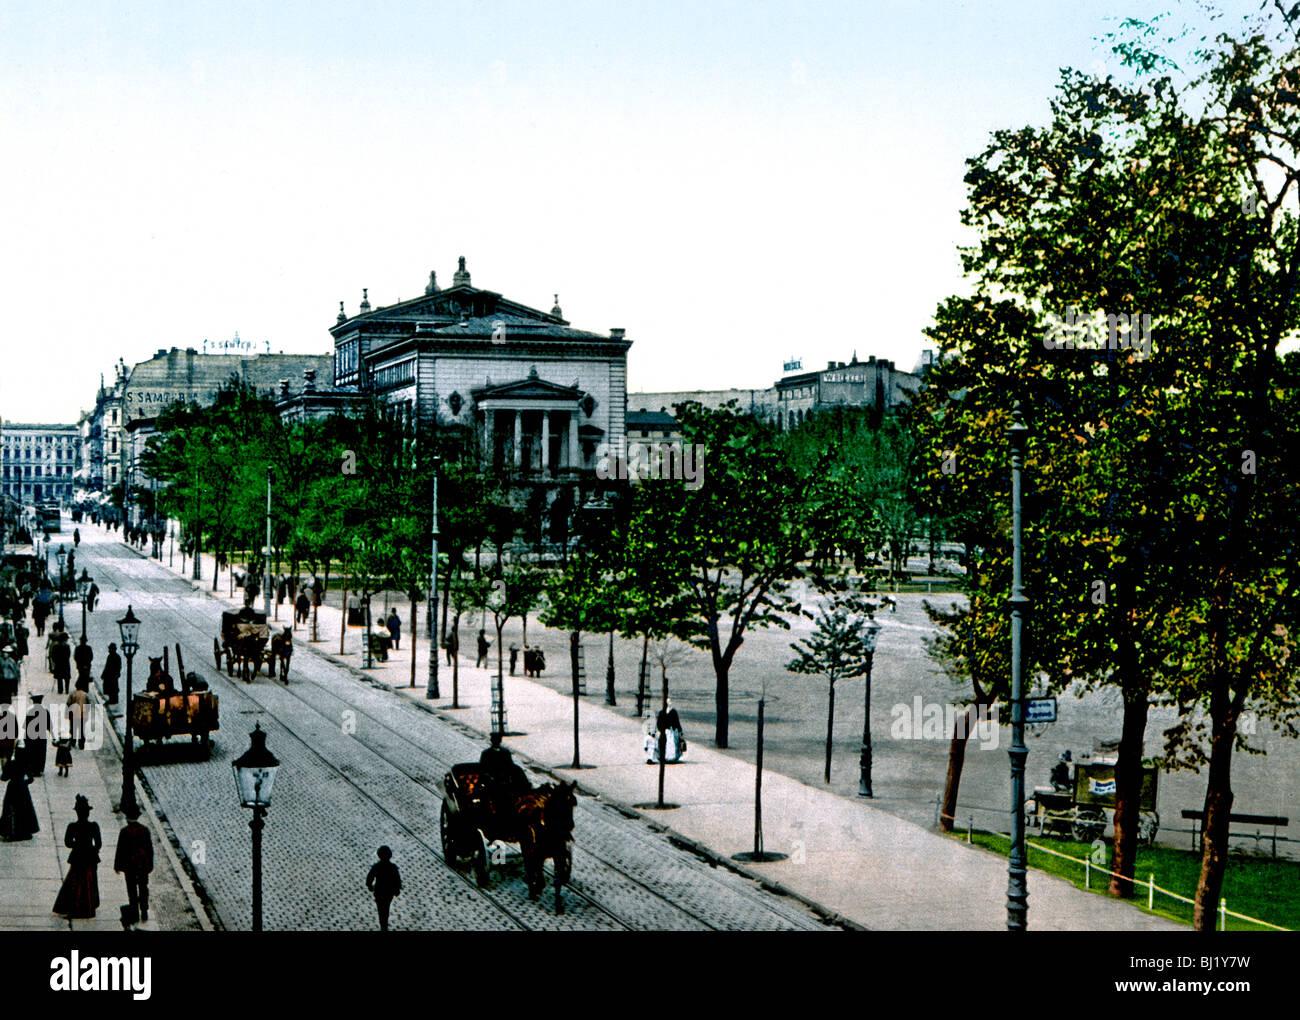 Wilhelmsplatz und Theater Posen - Stock Image